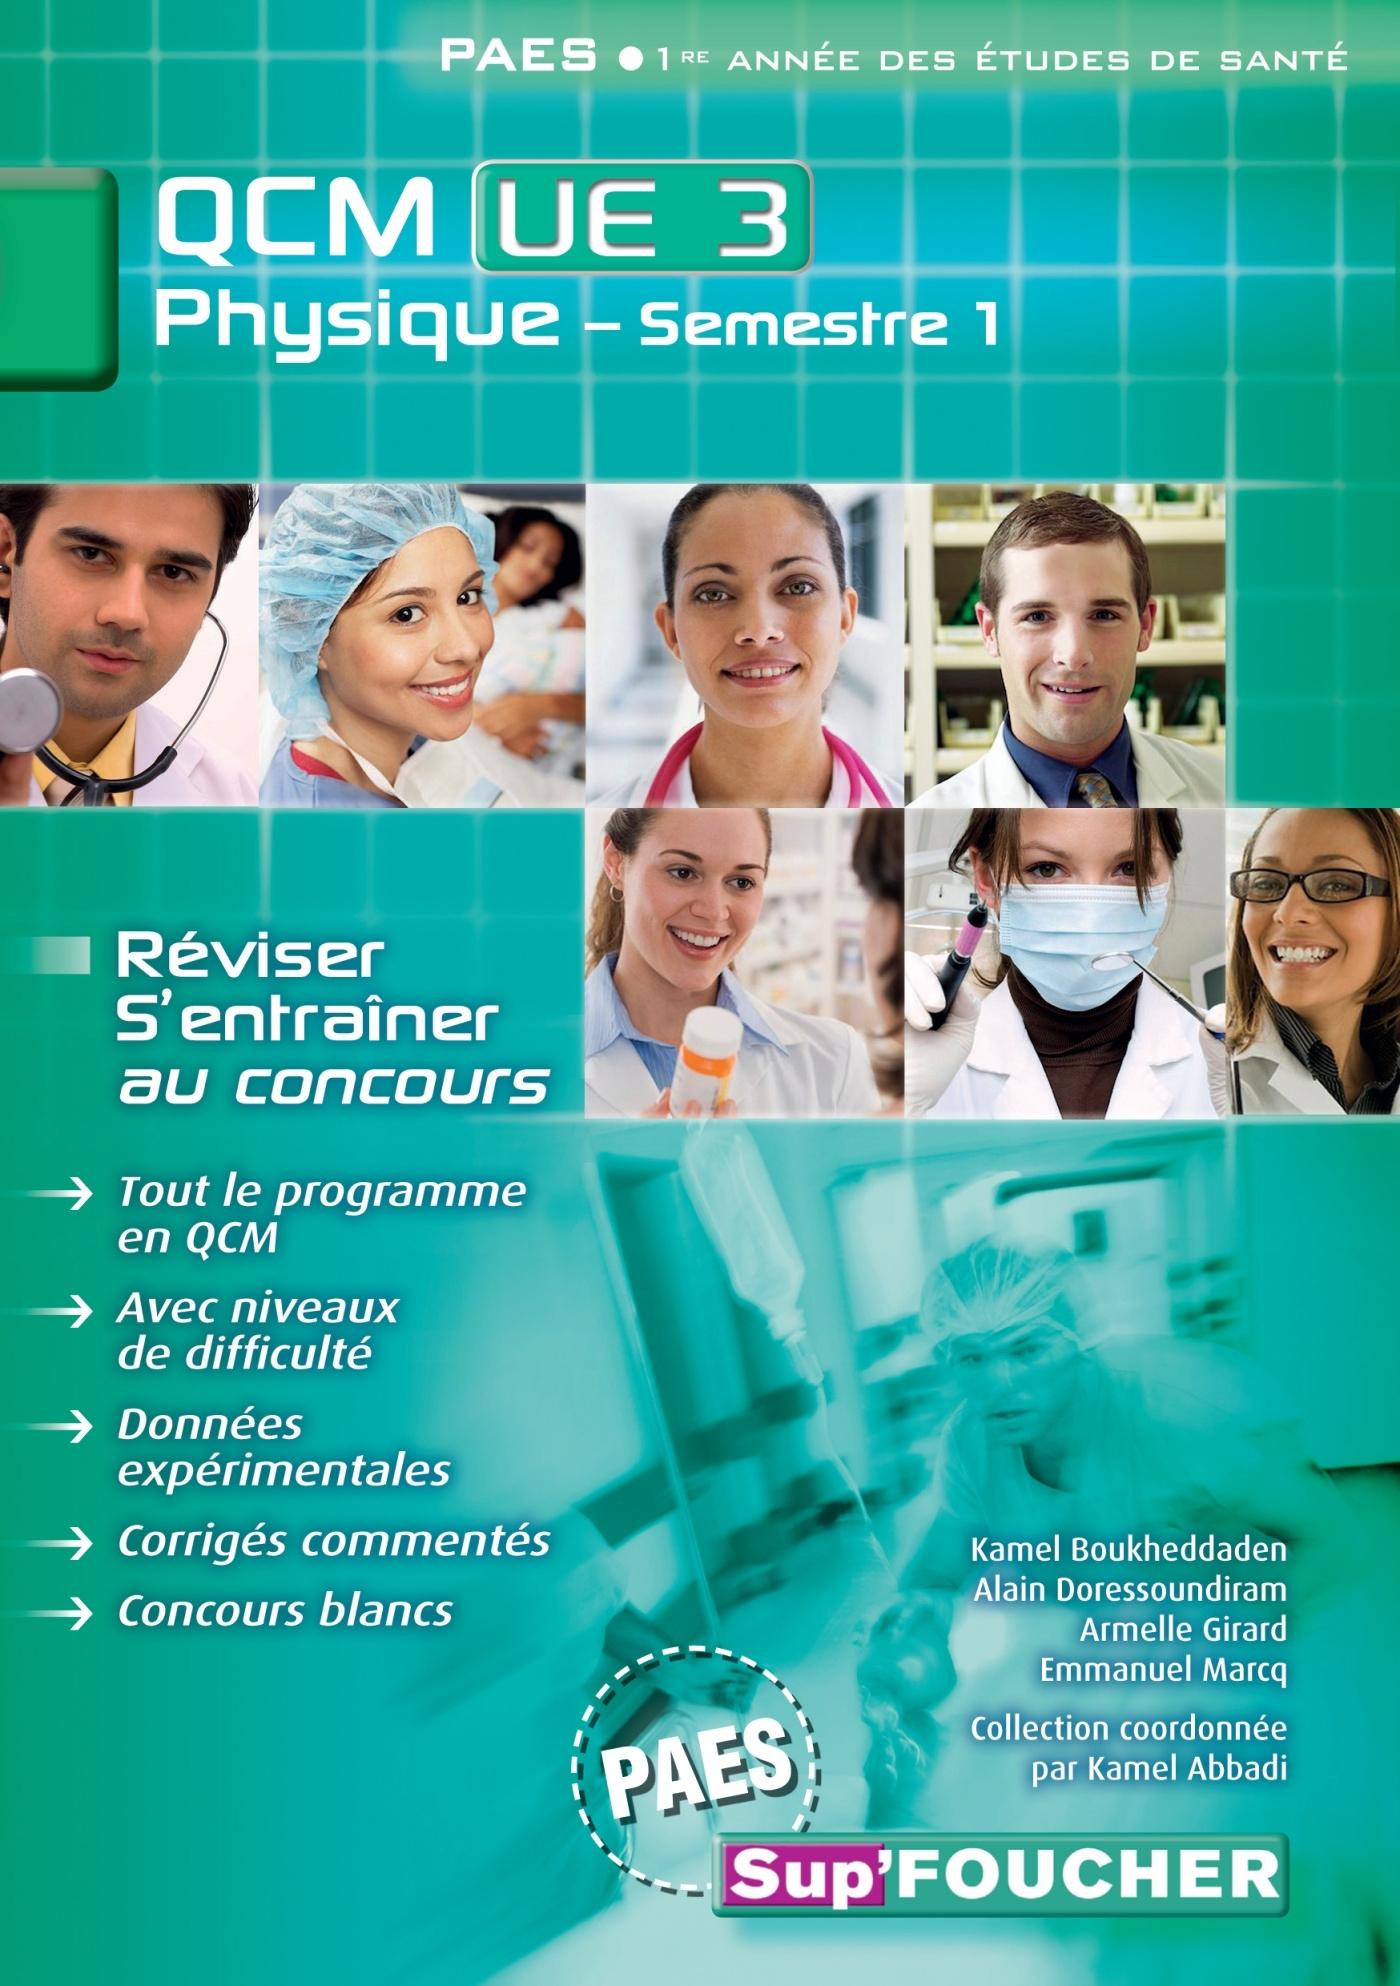 QCM UE3 PHYSIQUE - SEMESTRE 1